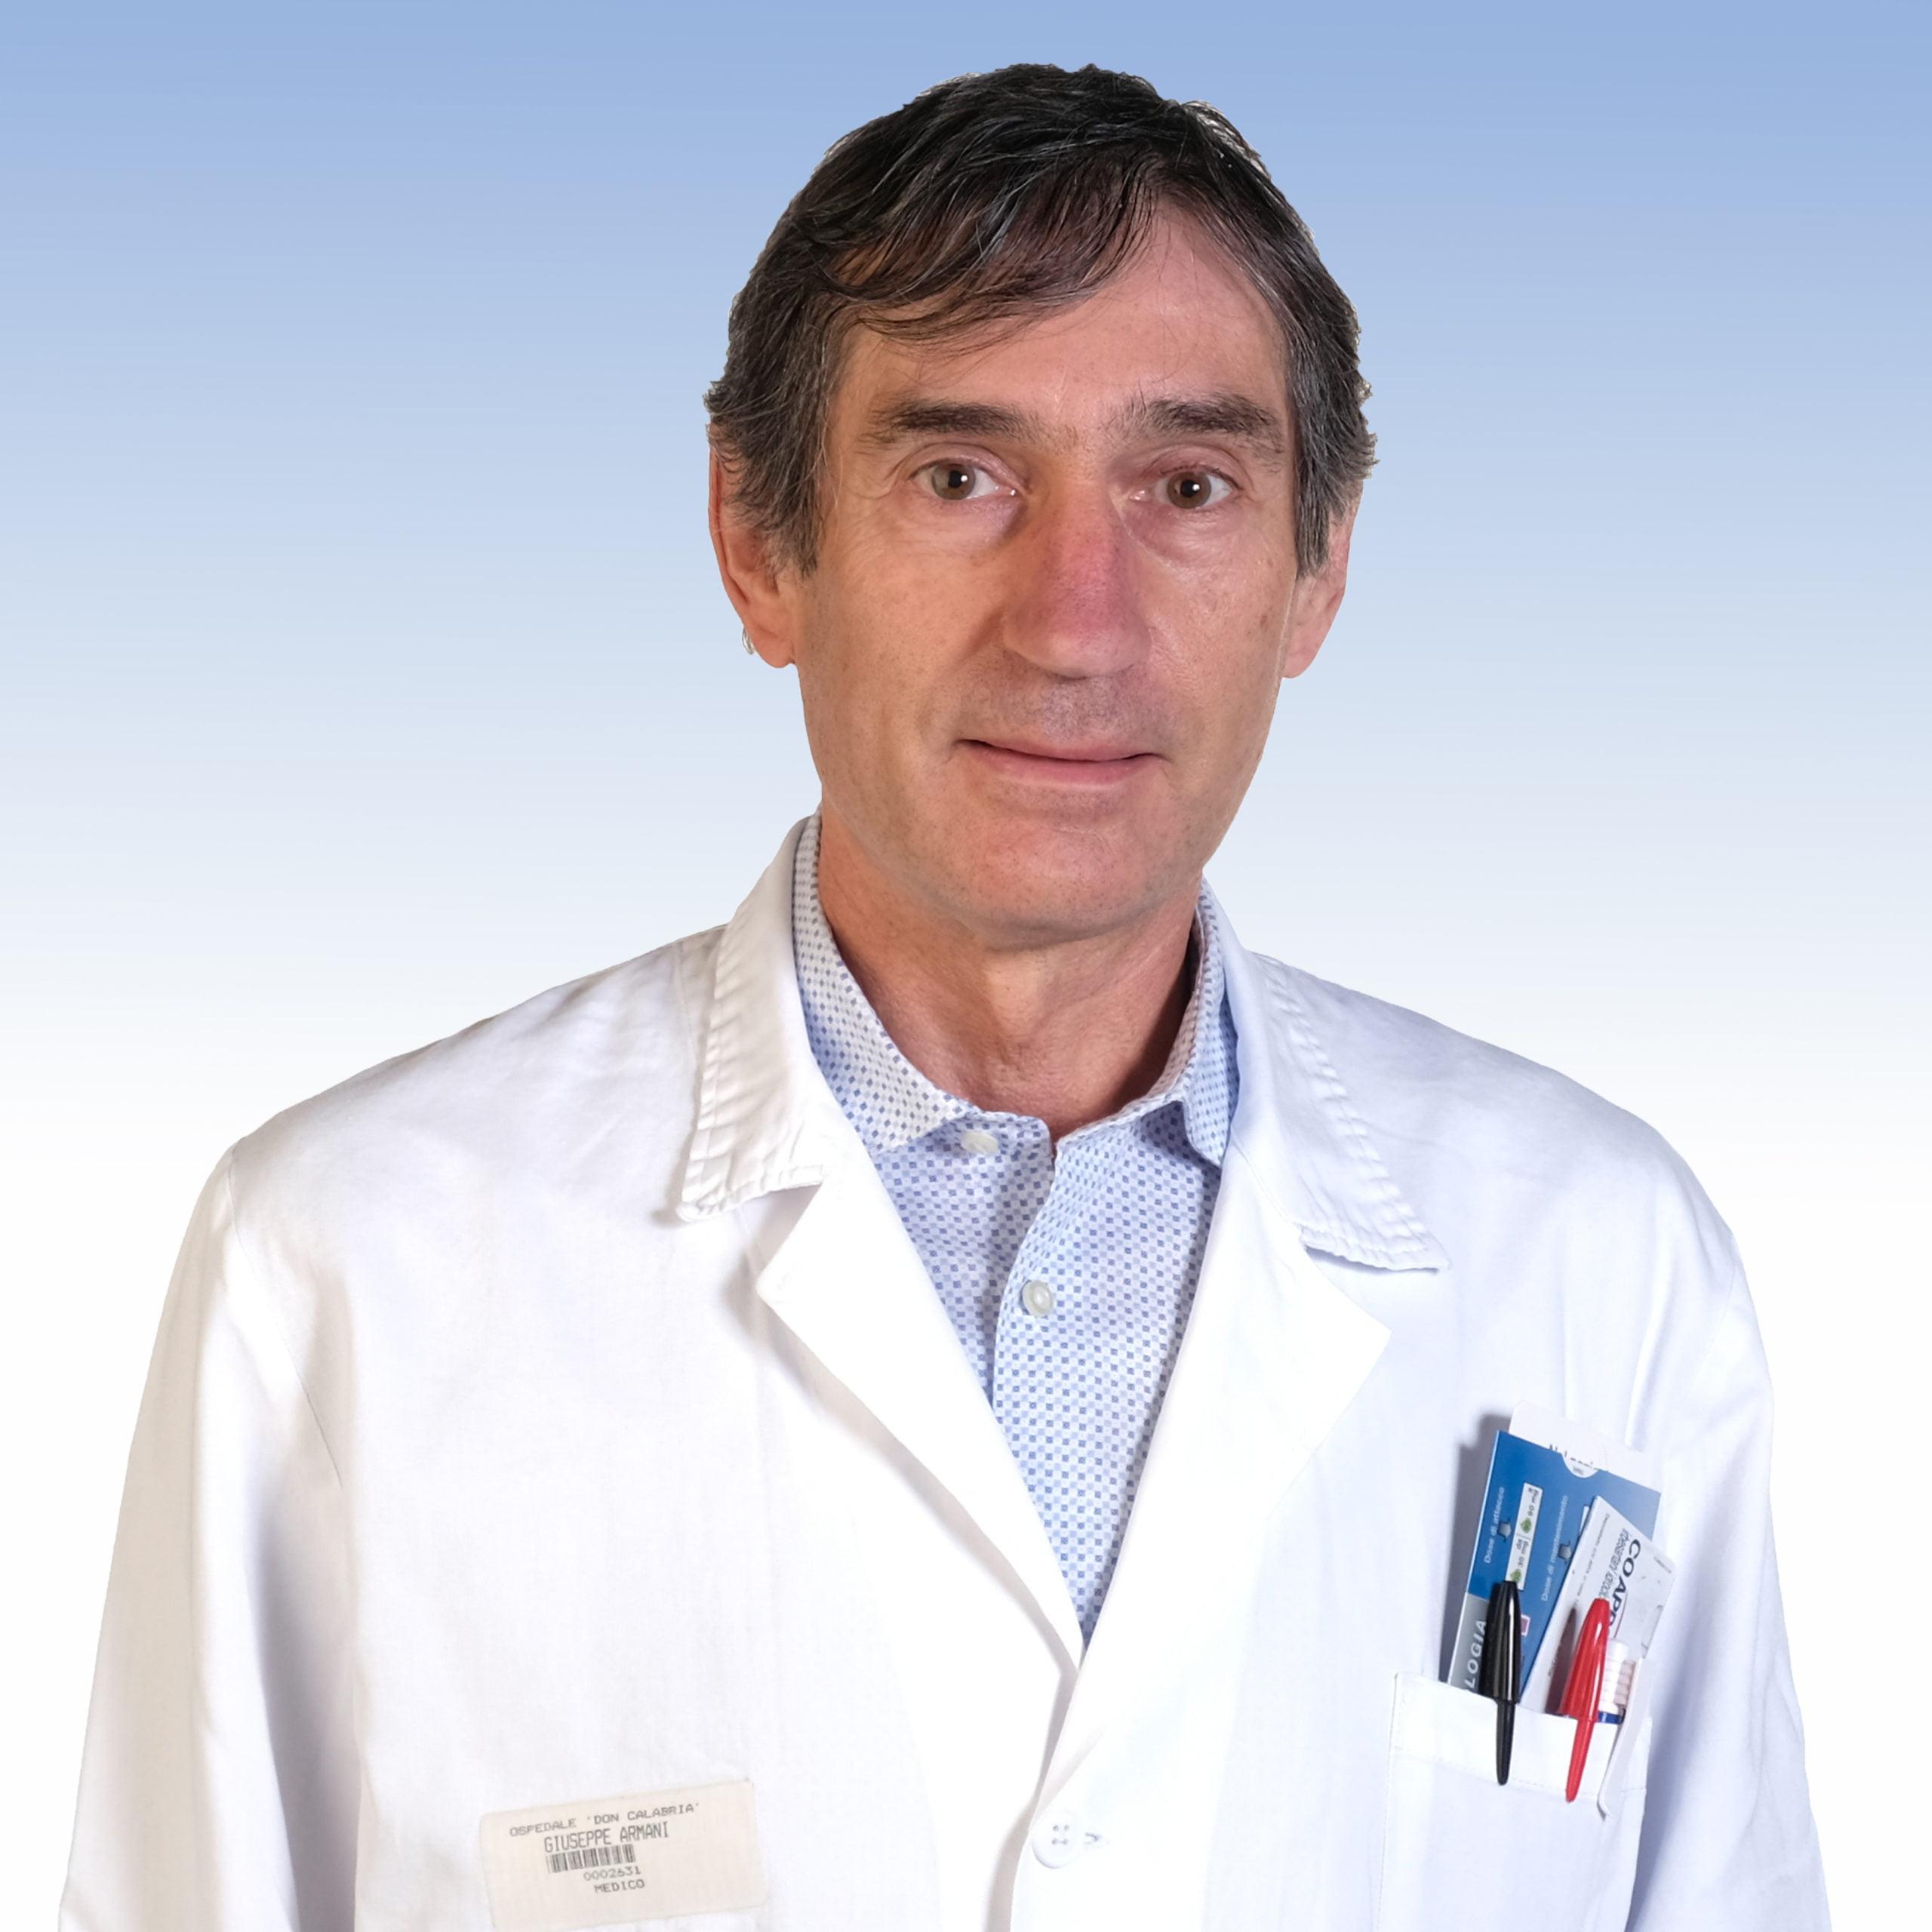 Dottor Giuseppe Armani, direttore della Riabilitazione Intensiva dell'Irccs Ospedale Sacro Cuore Don Calabria di Negrar